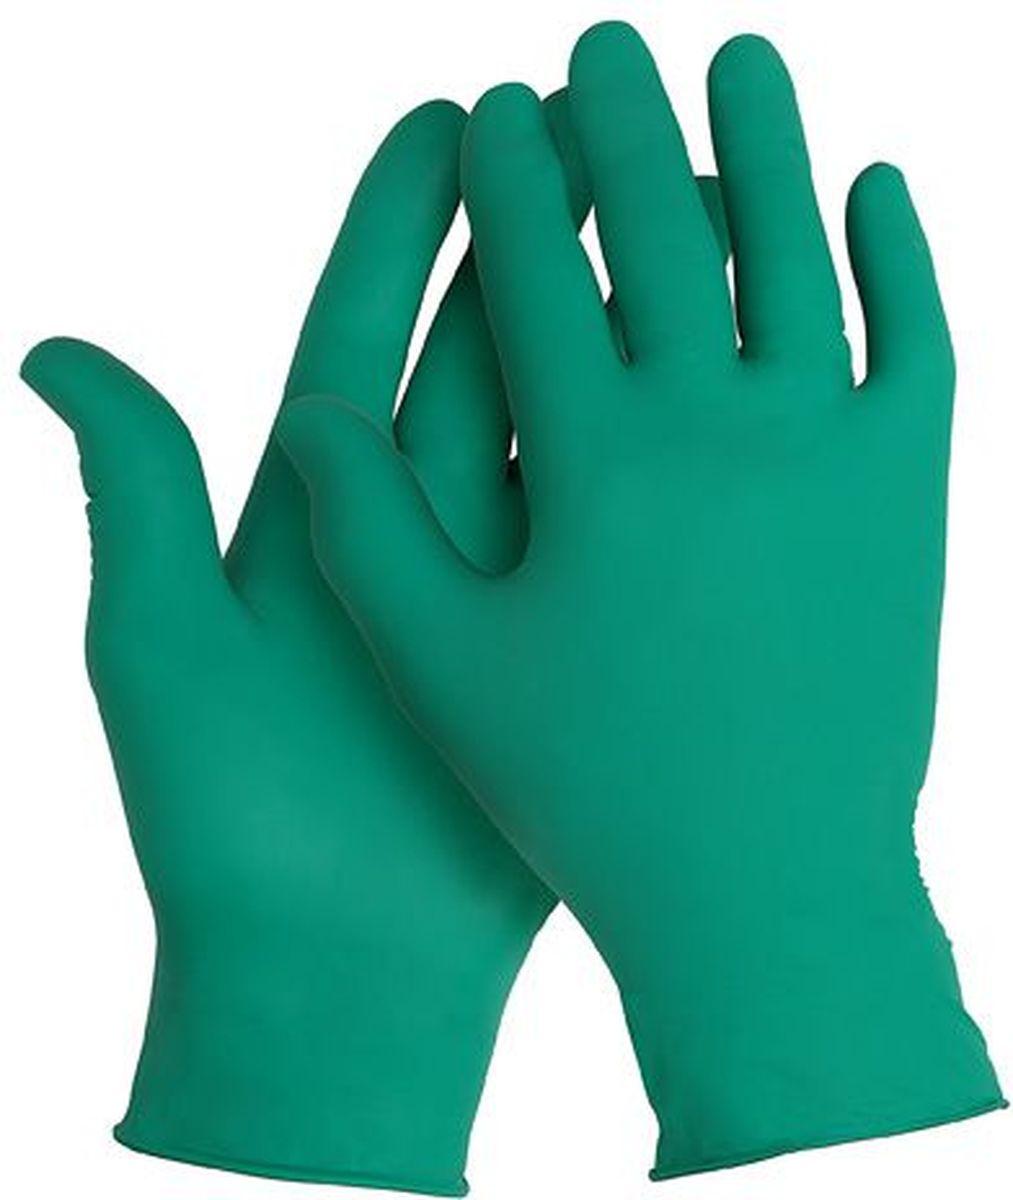 Перчатки хозяйственные Kleenguard G20, цвет: зеленый. Размер 6. 9009090090Ассортимент перчаток для защиты рук от химических веществ и механических воздействий – повышают безопасность работ и сокращают затраты. Идеальное решение, обеспечивающее защиту уровня СИЗ категории III (CE Complex) от брызг химических веществ в медицине, полиграфии, сельском хозяйстве, на участках сборки и окраски автомобилей, при выполнении аварийных работ, сборе мусора, химических разливов и утилизации отходов. Не содержат латекс и присыпок. Прочные и эргономичные перчатки с высокой тактильной чувствительностью. Могут быть использованы в пищевой промышленности или HoReCa. Формат поставки: сверхтонкие перчатки с универсальным дизайном для обеих рук; не содержат присыпку и латекс; усиленная манжета для дополнительной прочности, рельефная поверхность пальцев для лучшего захвата; широкий ассортимент размеров – от XS до XL – обеспечивает комфортное ношение. Размеры: 90090 - XS (6) 90091 - S (7) 90092 - M (8) 90093 - L (9)